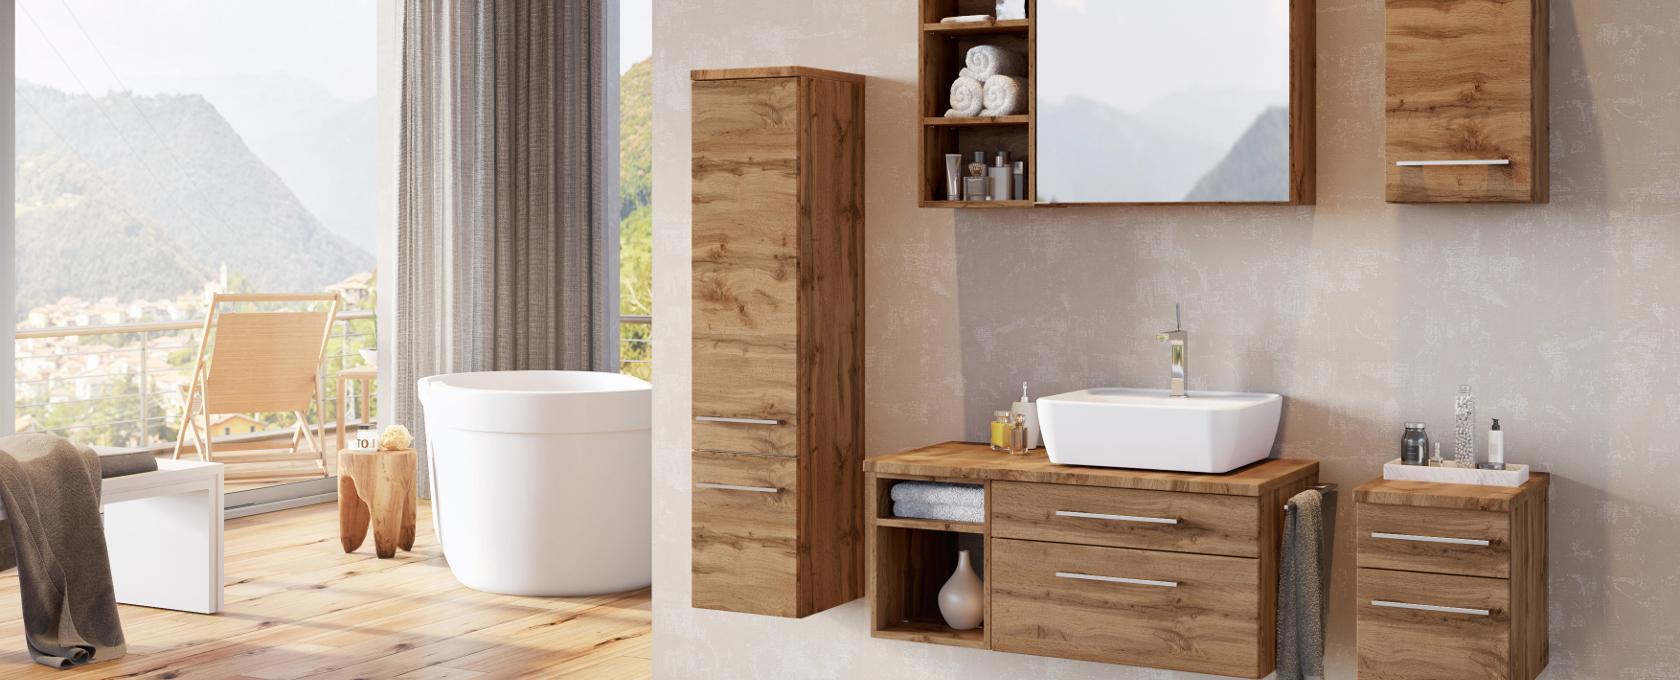 Full Size of Alternative Küchen Moebel Guenstigde Sofa Alternatives Regal Wohnzimmer Alternative Küchen